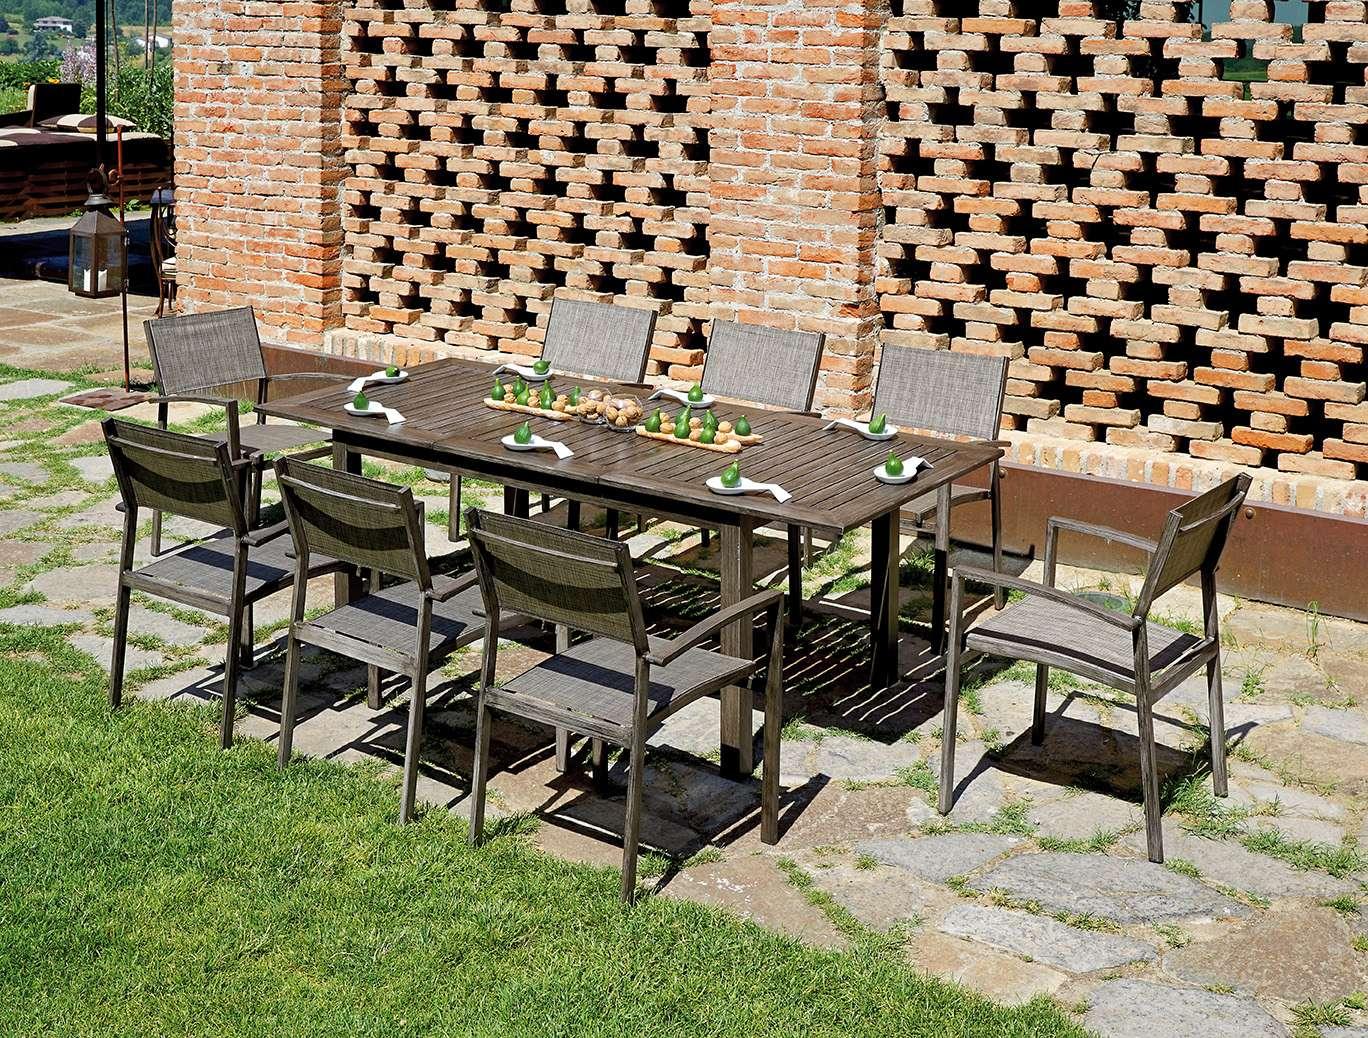 Ambientazione cwl01 twl02 greenwood mobili da giardino for Ambientazioni salotti